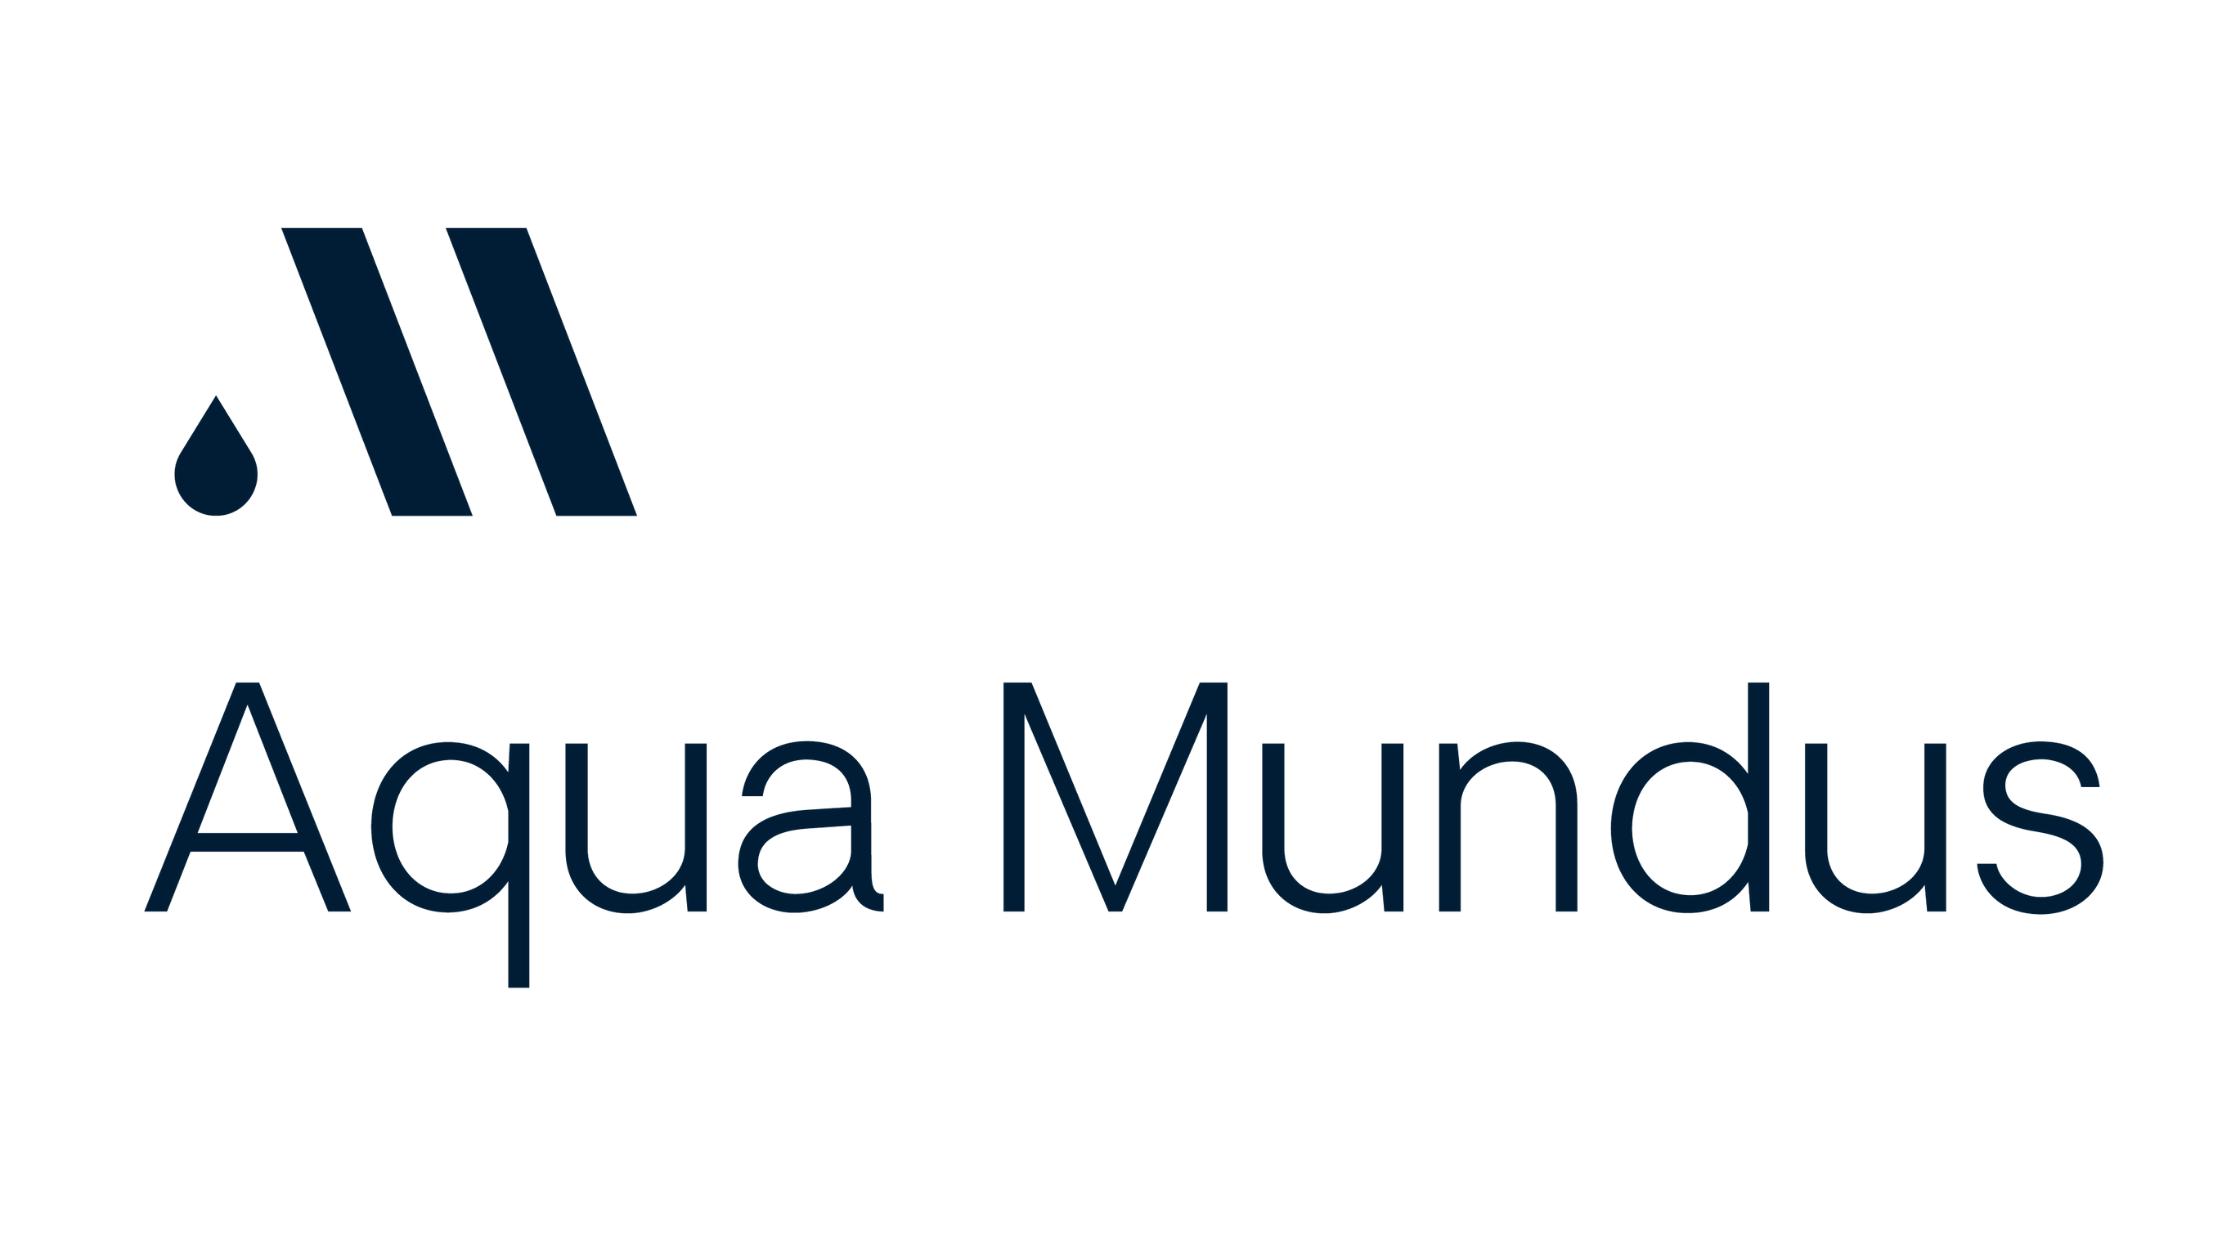 Read Aqua Mundus Reviews